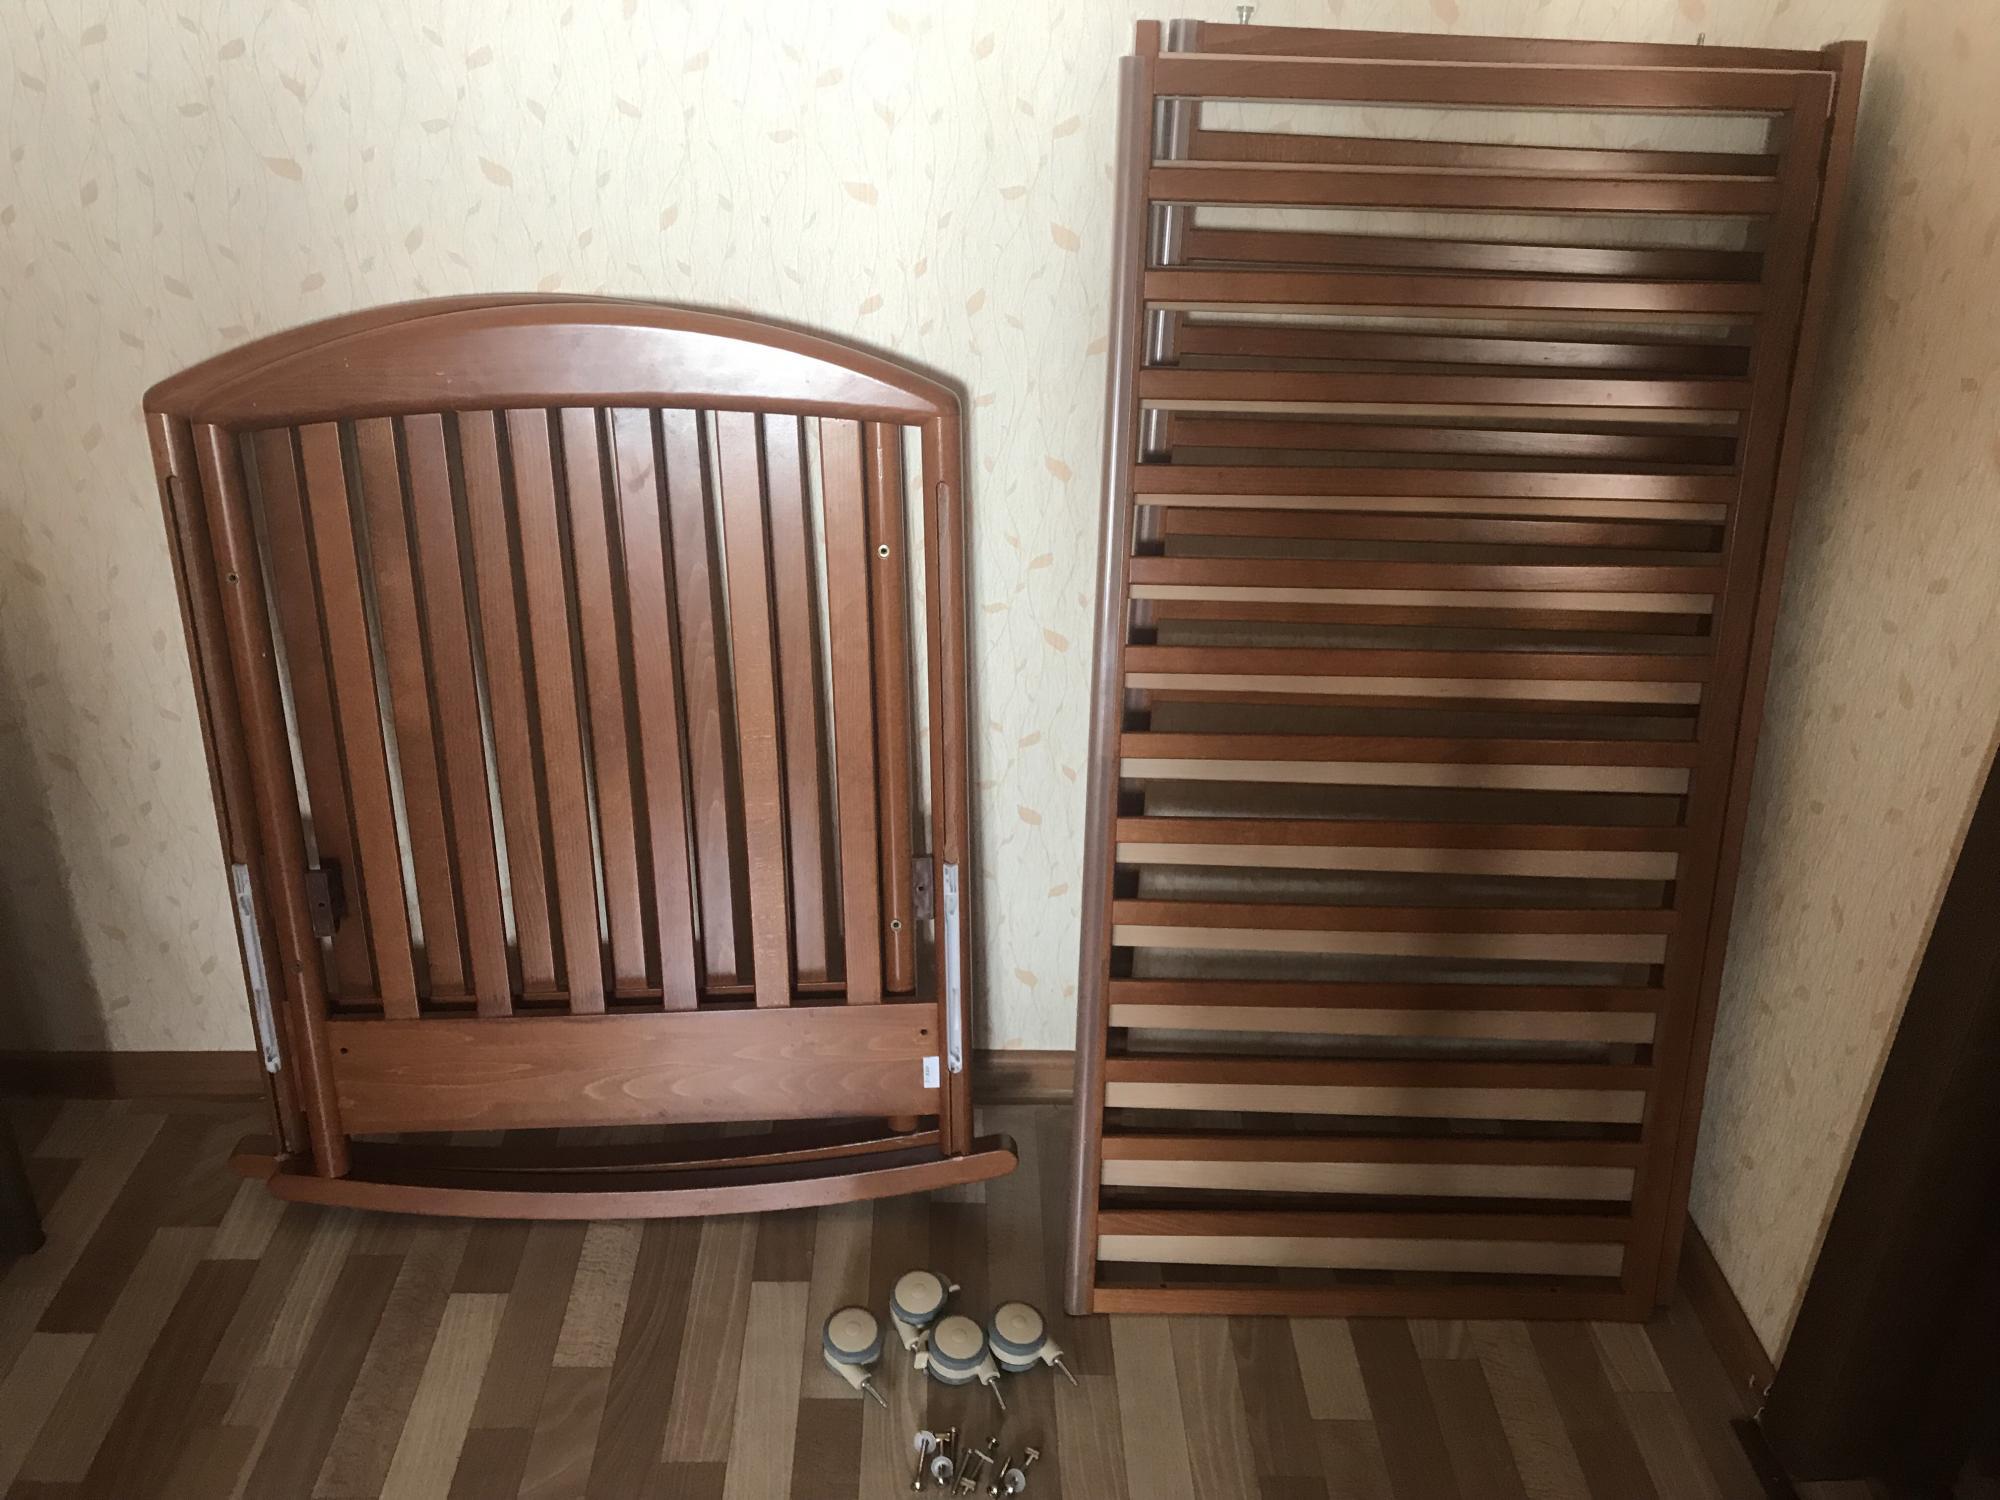 Итальянская кроватка Papaloni с матрасом